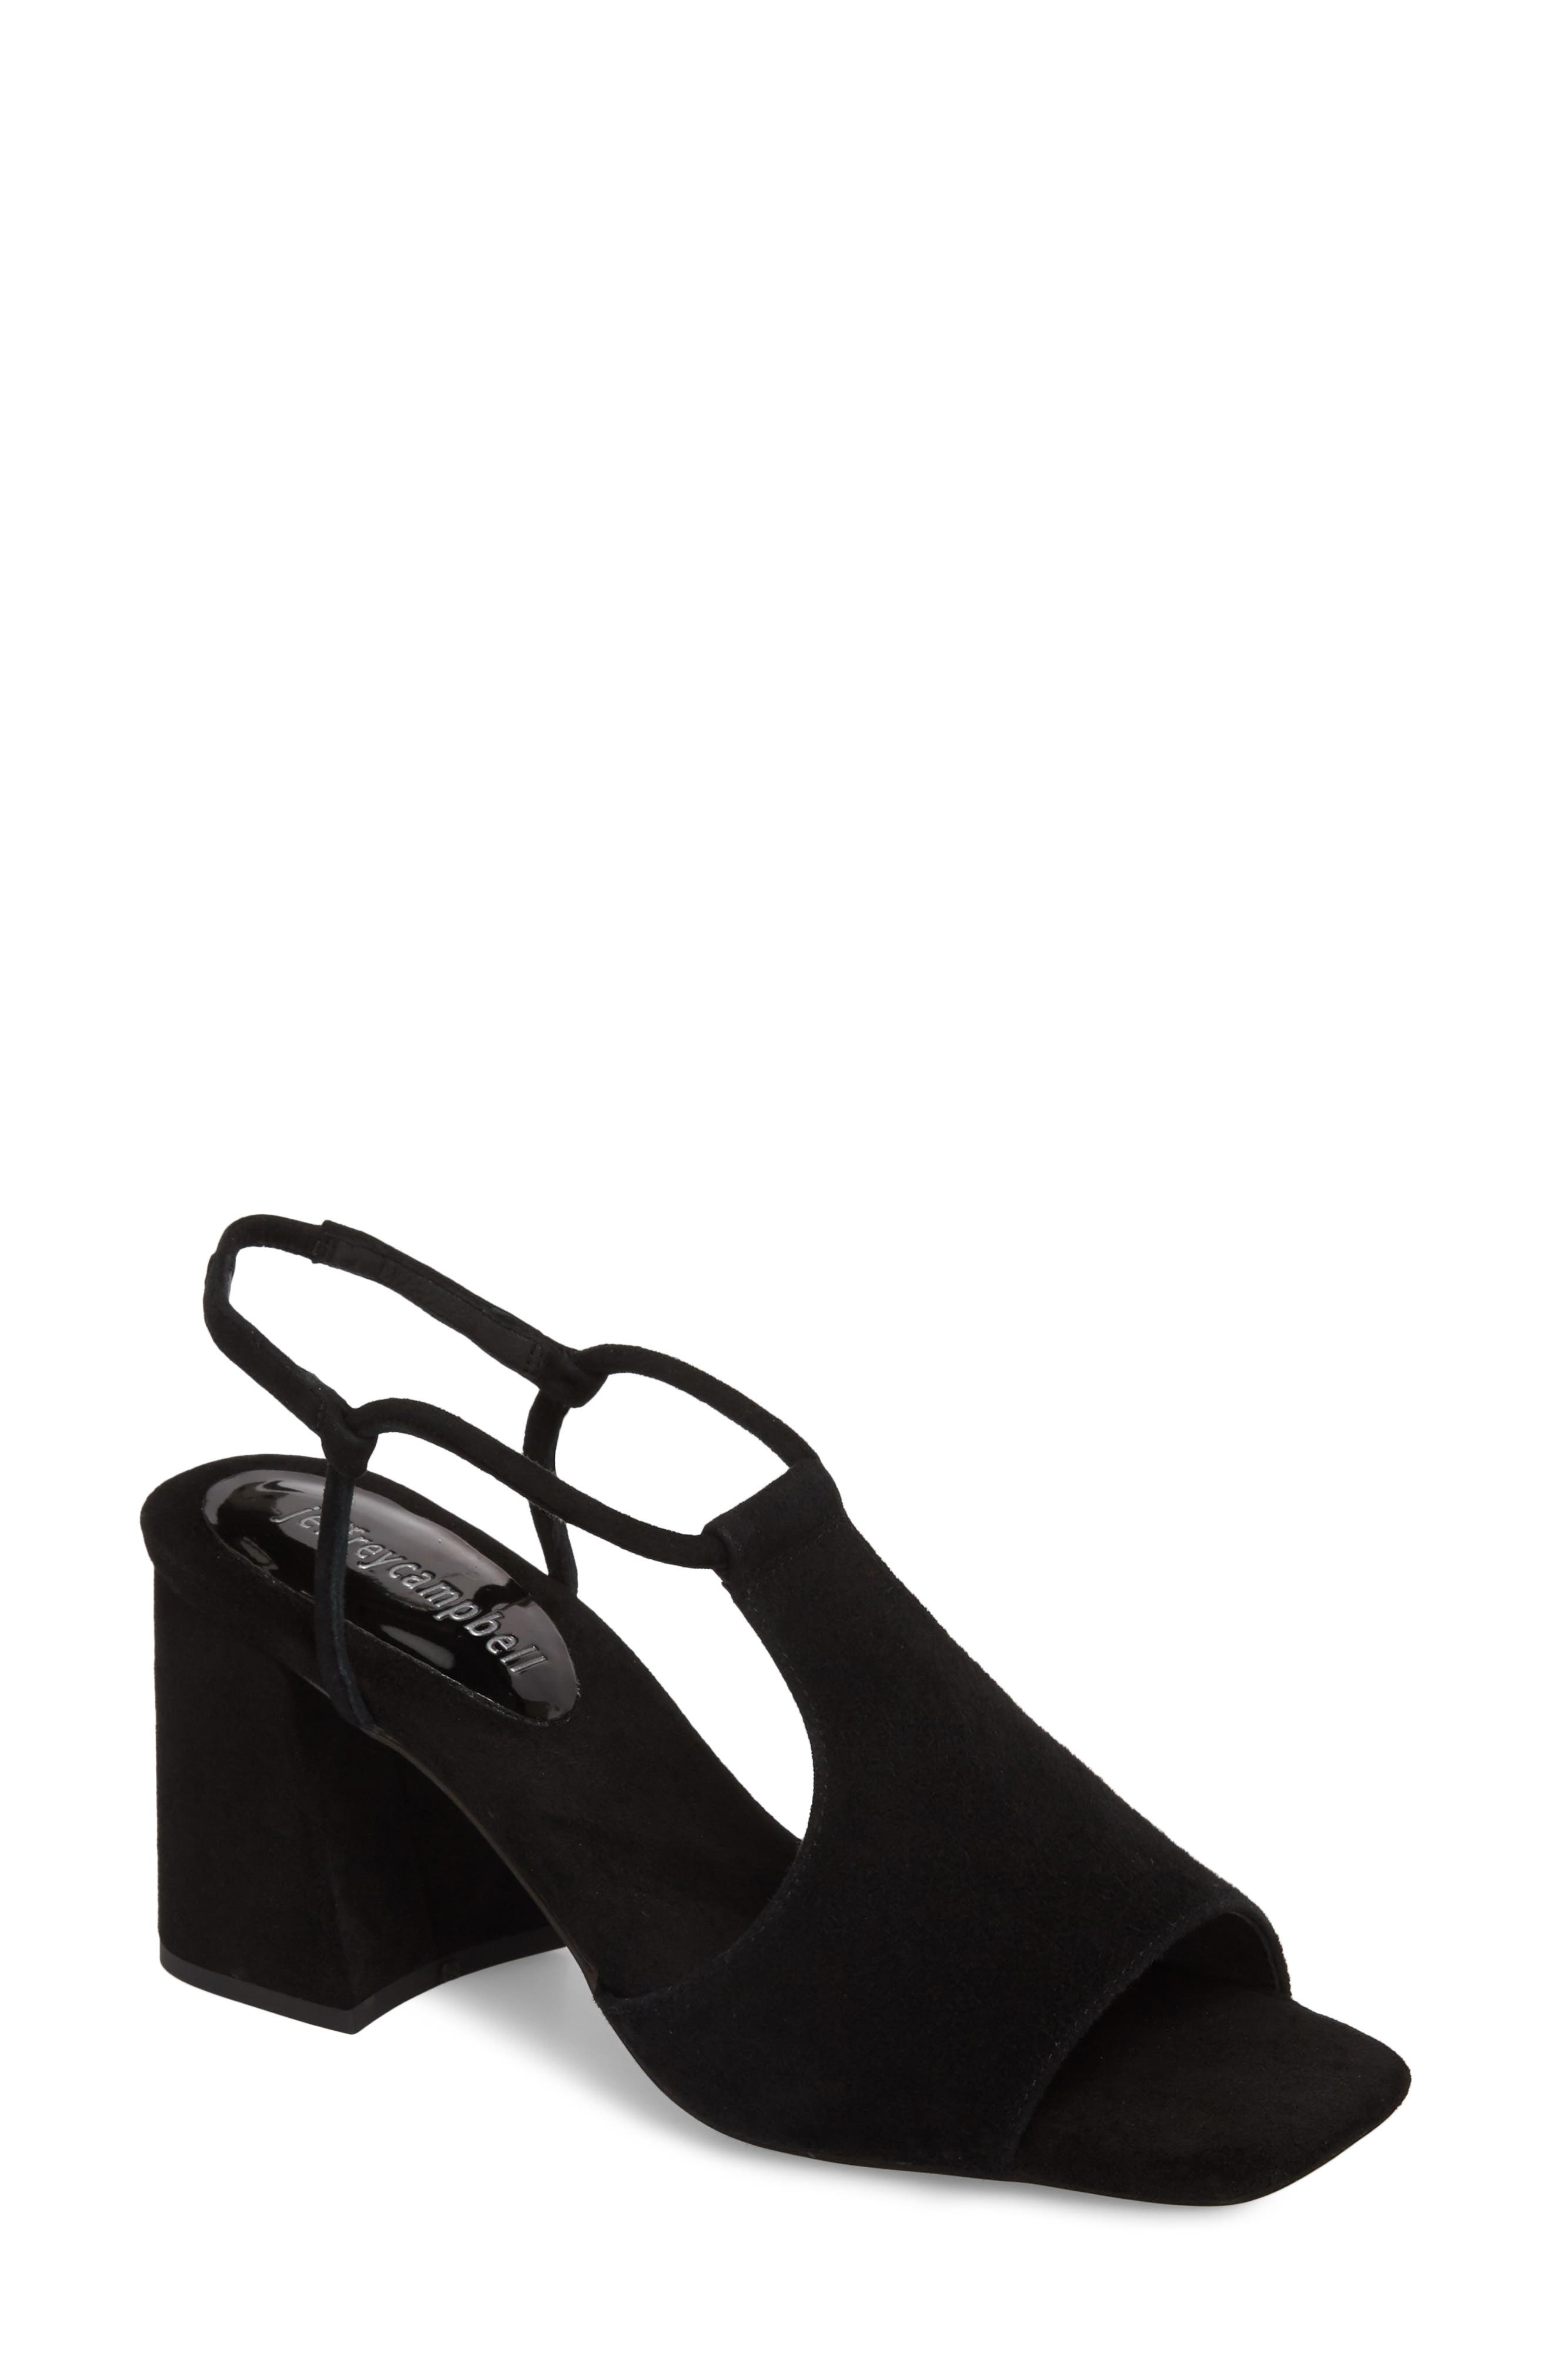 Mercedes Halter Sandal,                         Main,                         color,